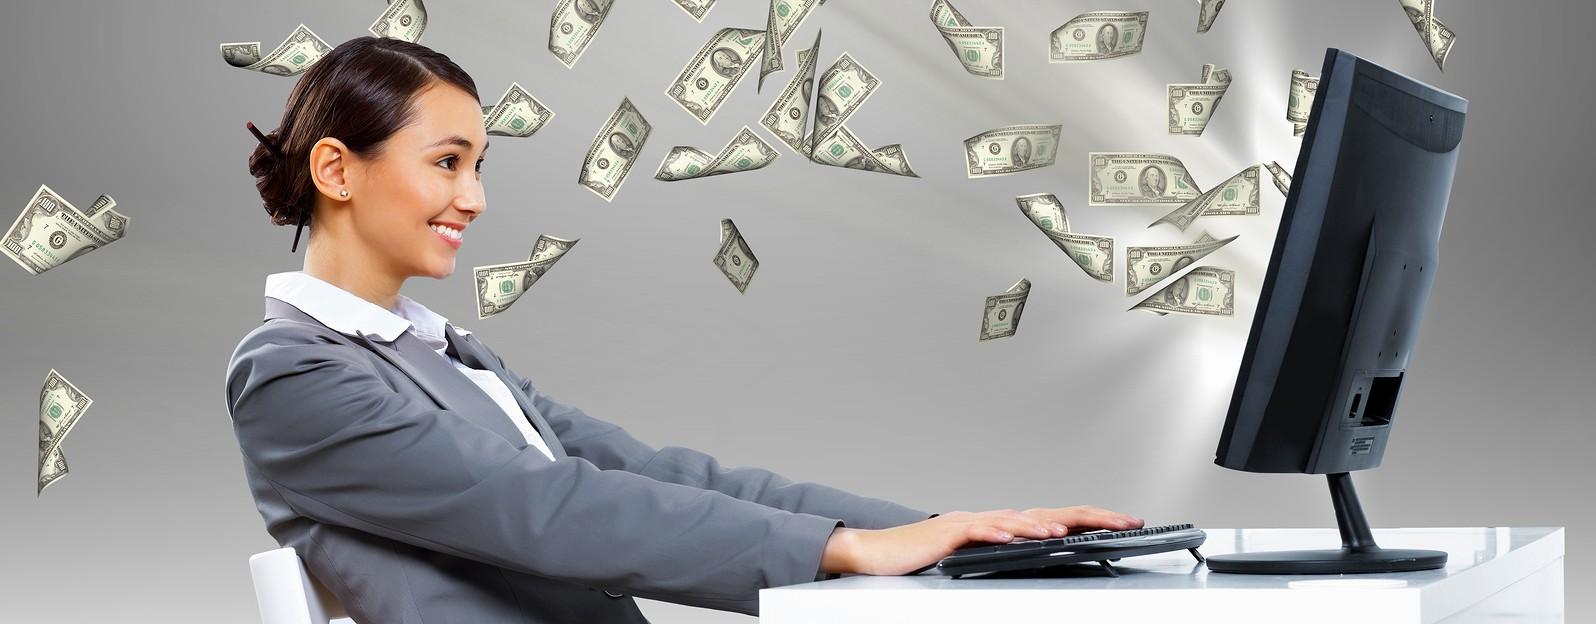 ما هي خدمات الأعمال Business Services - وكيف يتم العمل عليها واستغلالها للربح